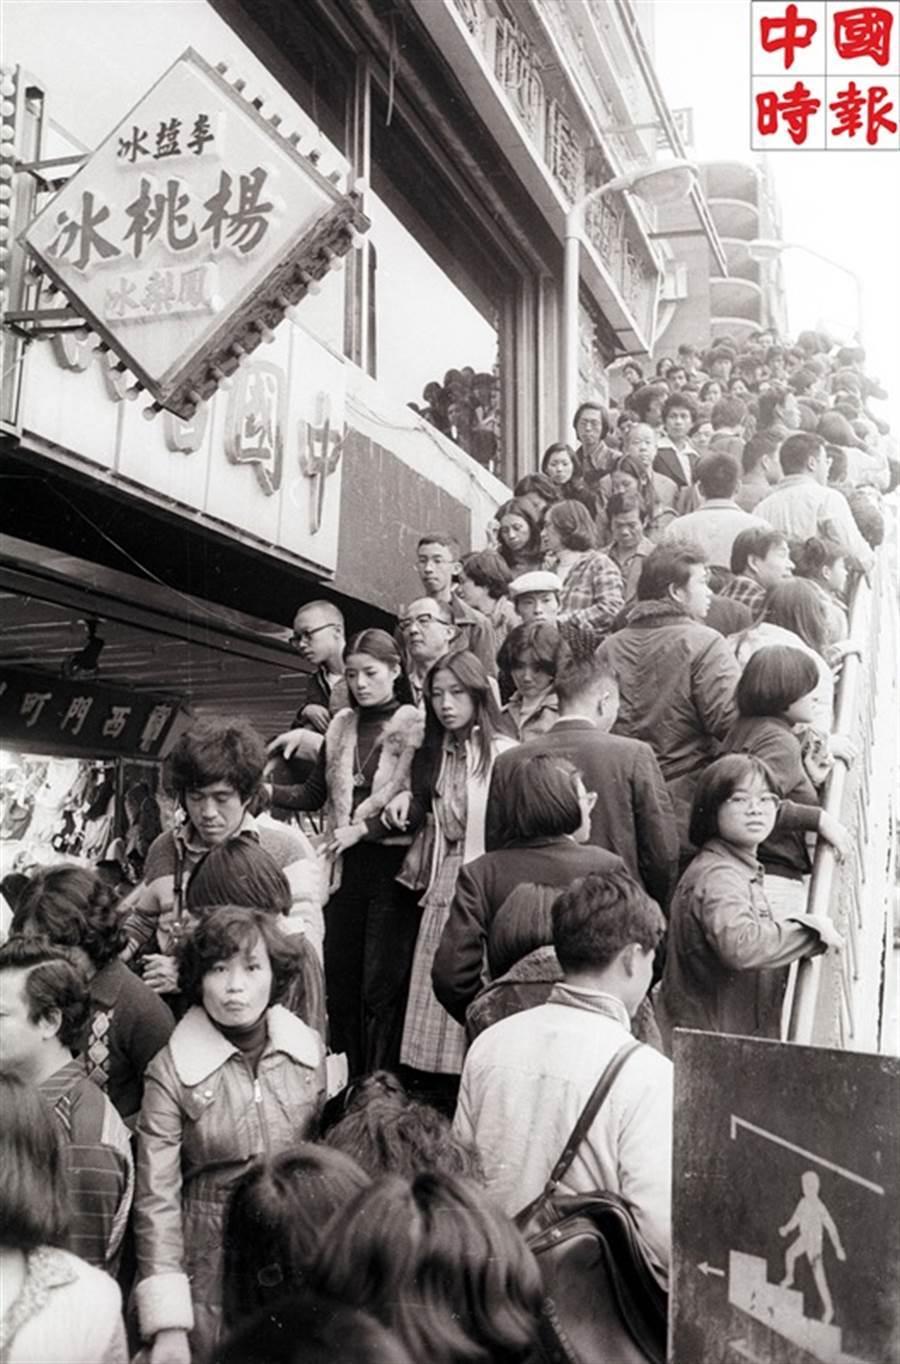 1979年的元旦,西門町老牌楊桃冰旁的陸橋上擠滿了出遊的民眾。(本報資料照片)